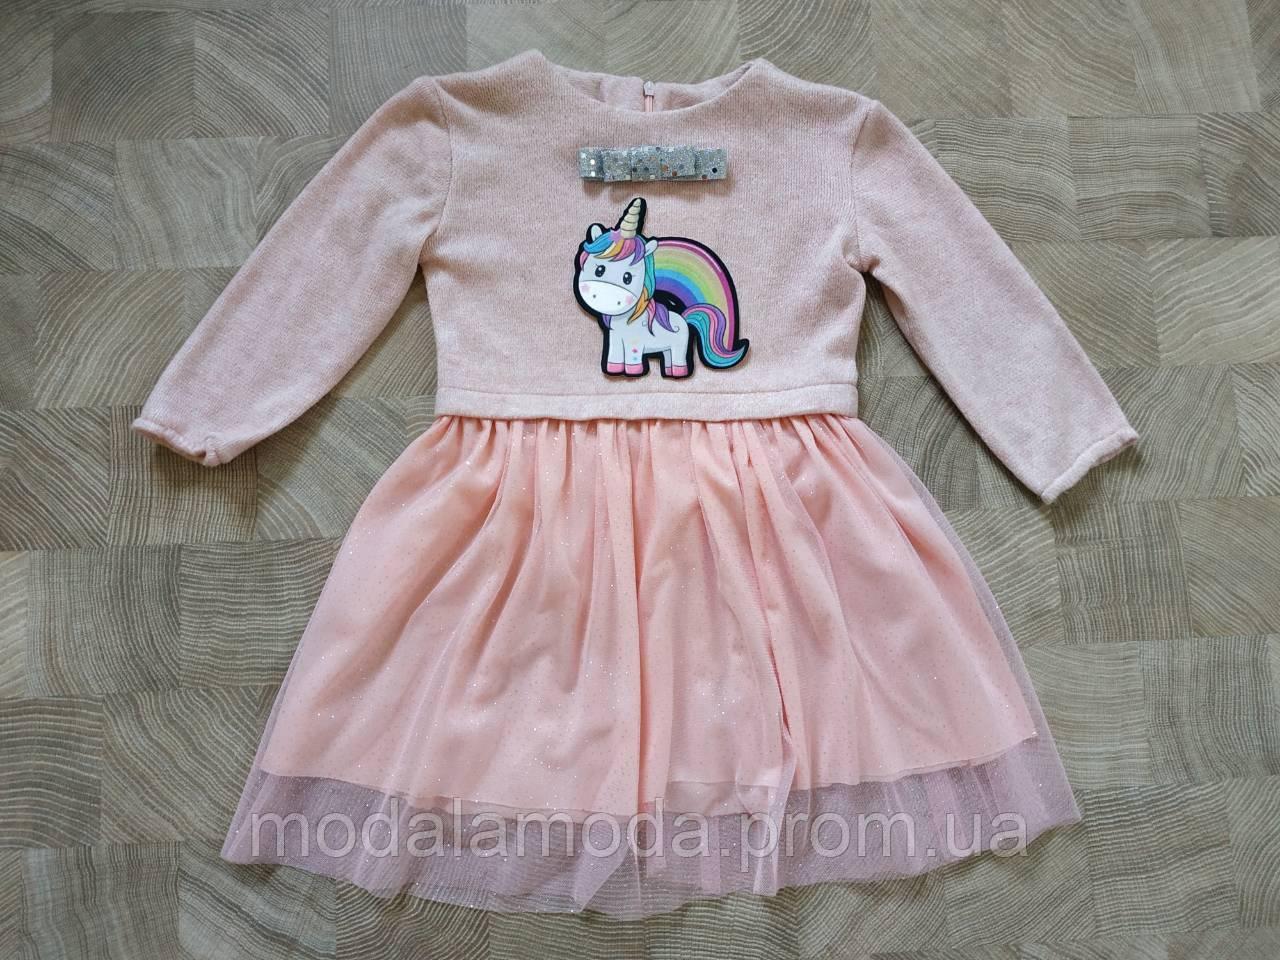 Платье для маленьких принцес с фатиновой юбкой . Только опт!!!